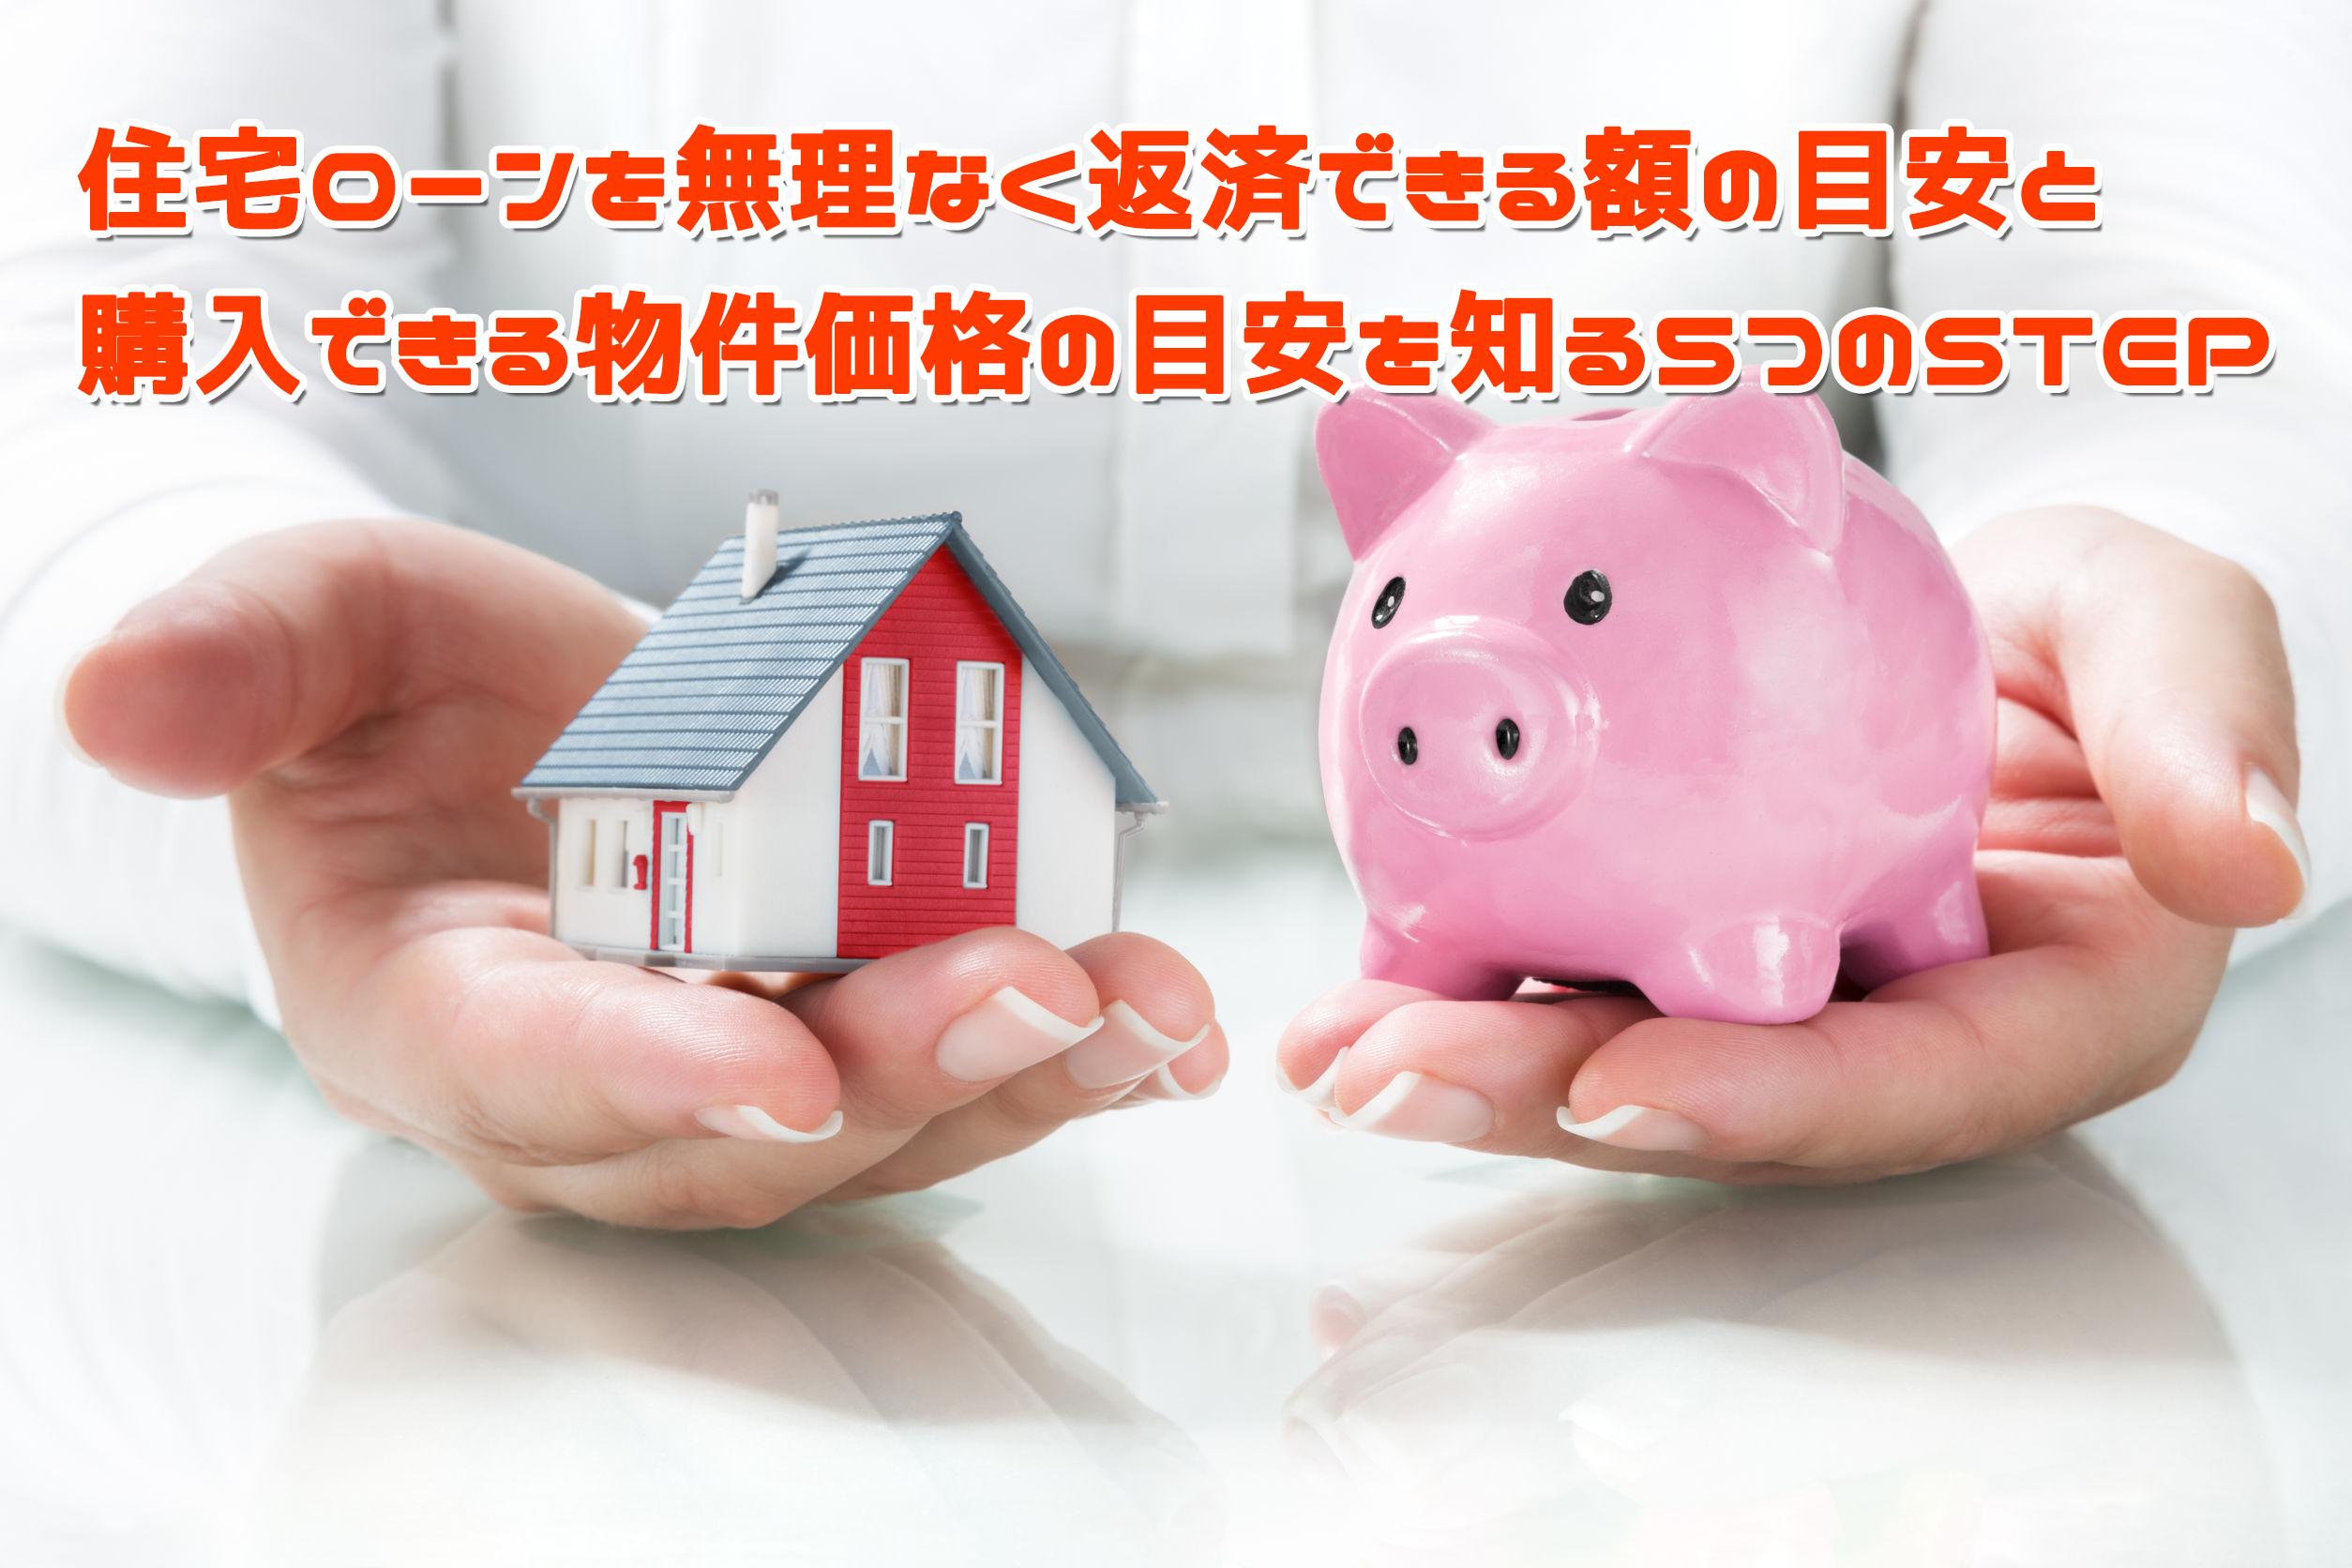 【計算方法有】住宅ローンを無理なく返済できる額の目安と購入できる物件価格の目安を知る5つのSTEP